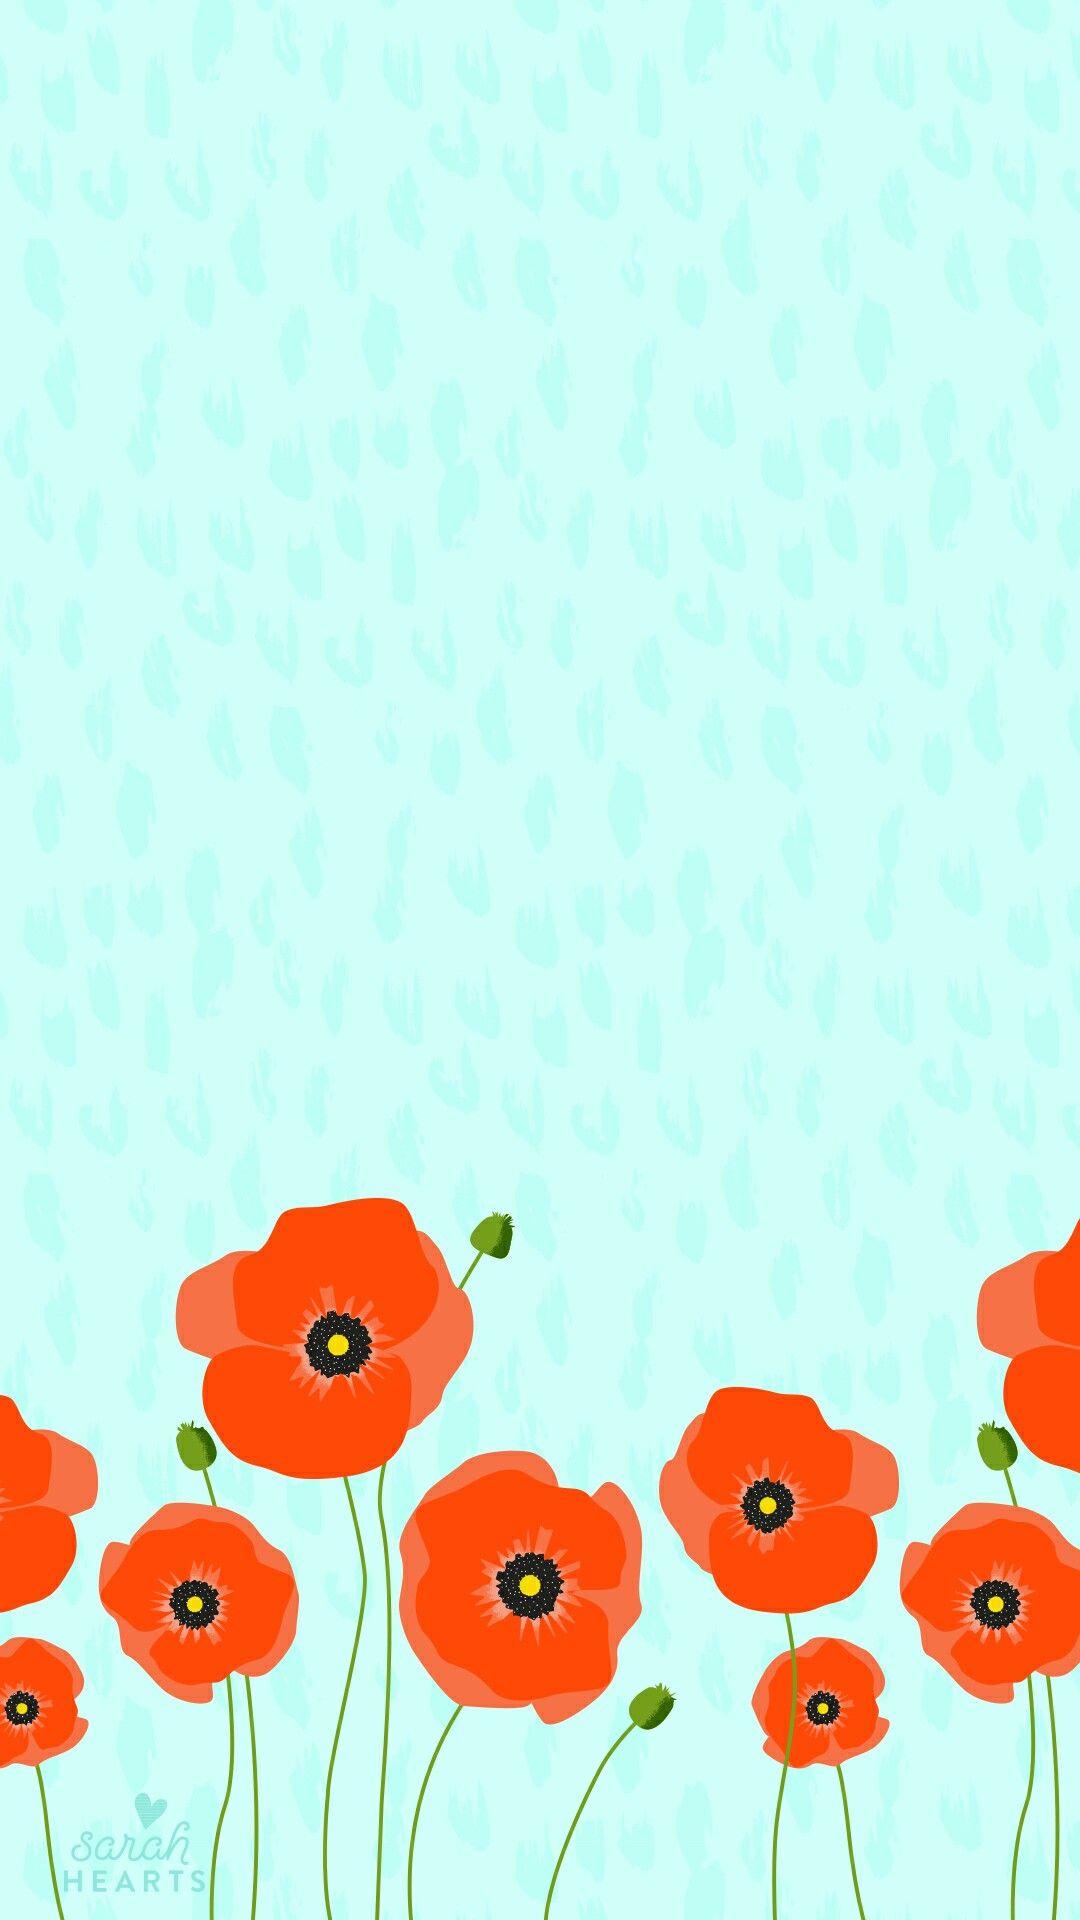 Great Wallpaper Home Screen Artsy - 56ef852907665bae5f3bd9d26c7ede31  Gallery_58212.jpg